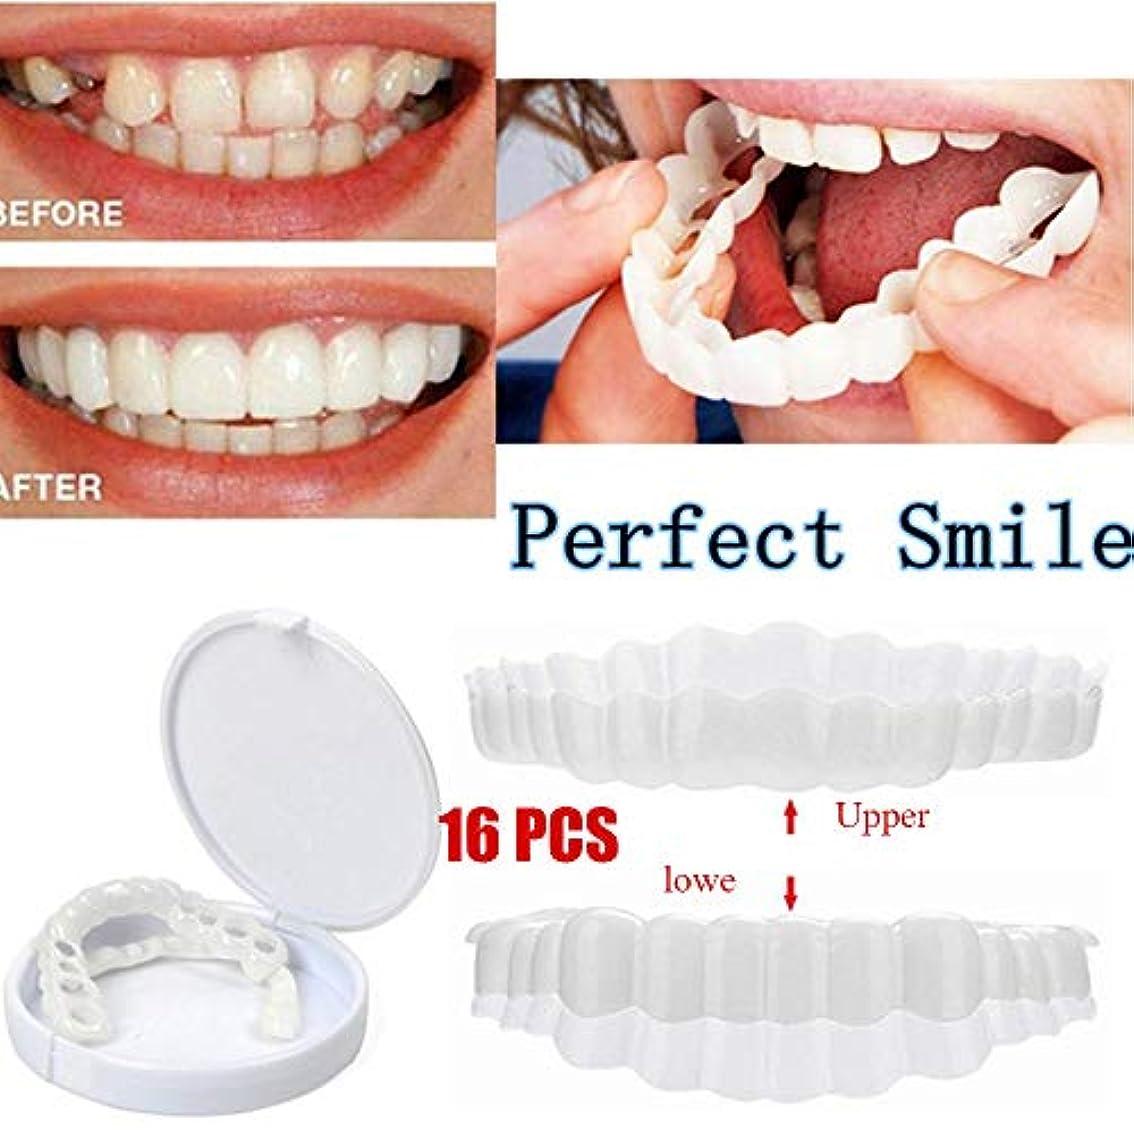 後方に反射不適当義歯のスマイルホワイトニングと弾性ケアに最適な、大人用の新しい上下の義歯16個の再使用可能なPCS(上部+下部)